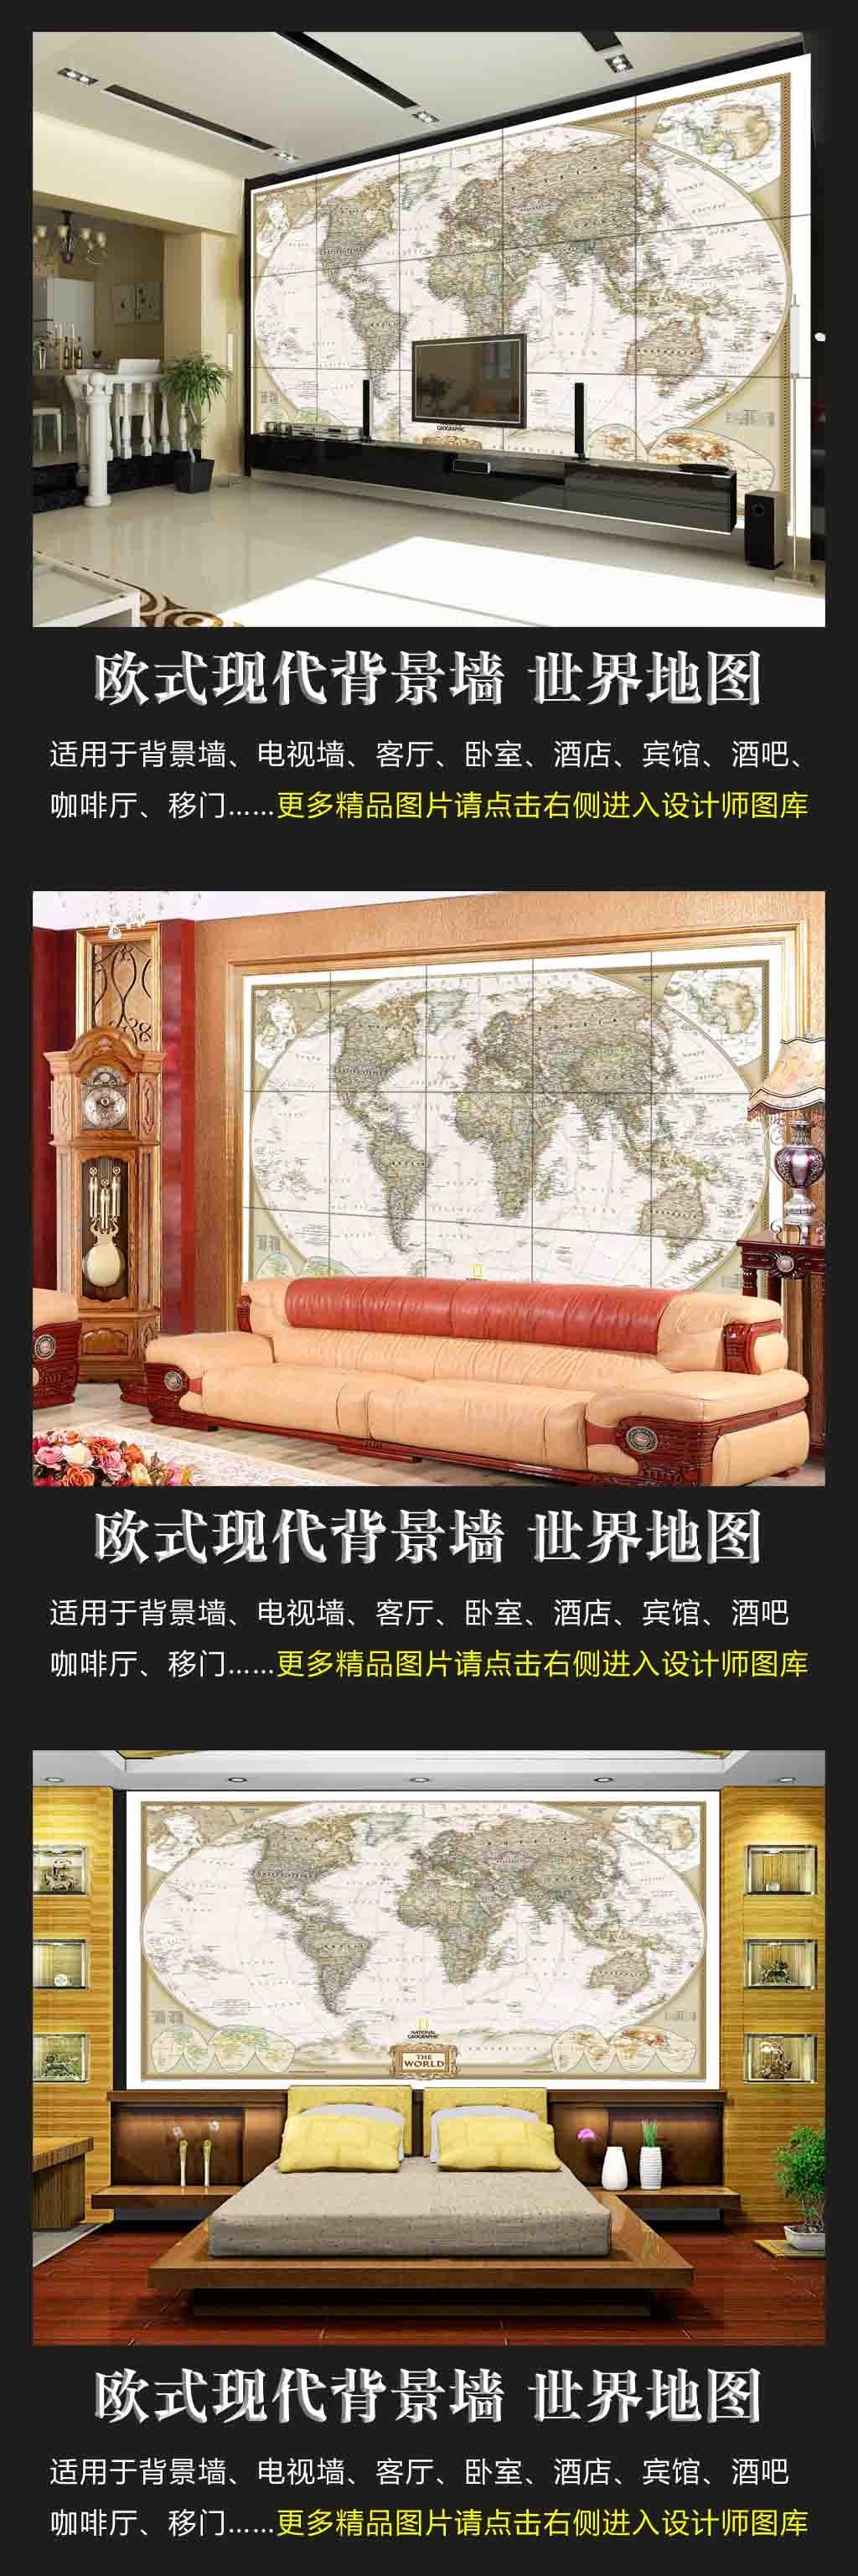 世界地图航海图经纬线电视沙发客厅背景墙